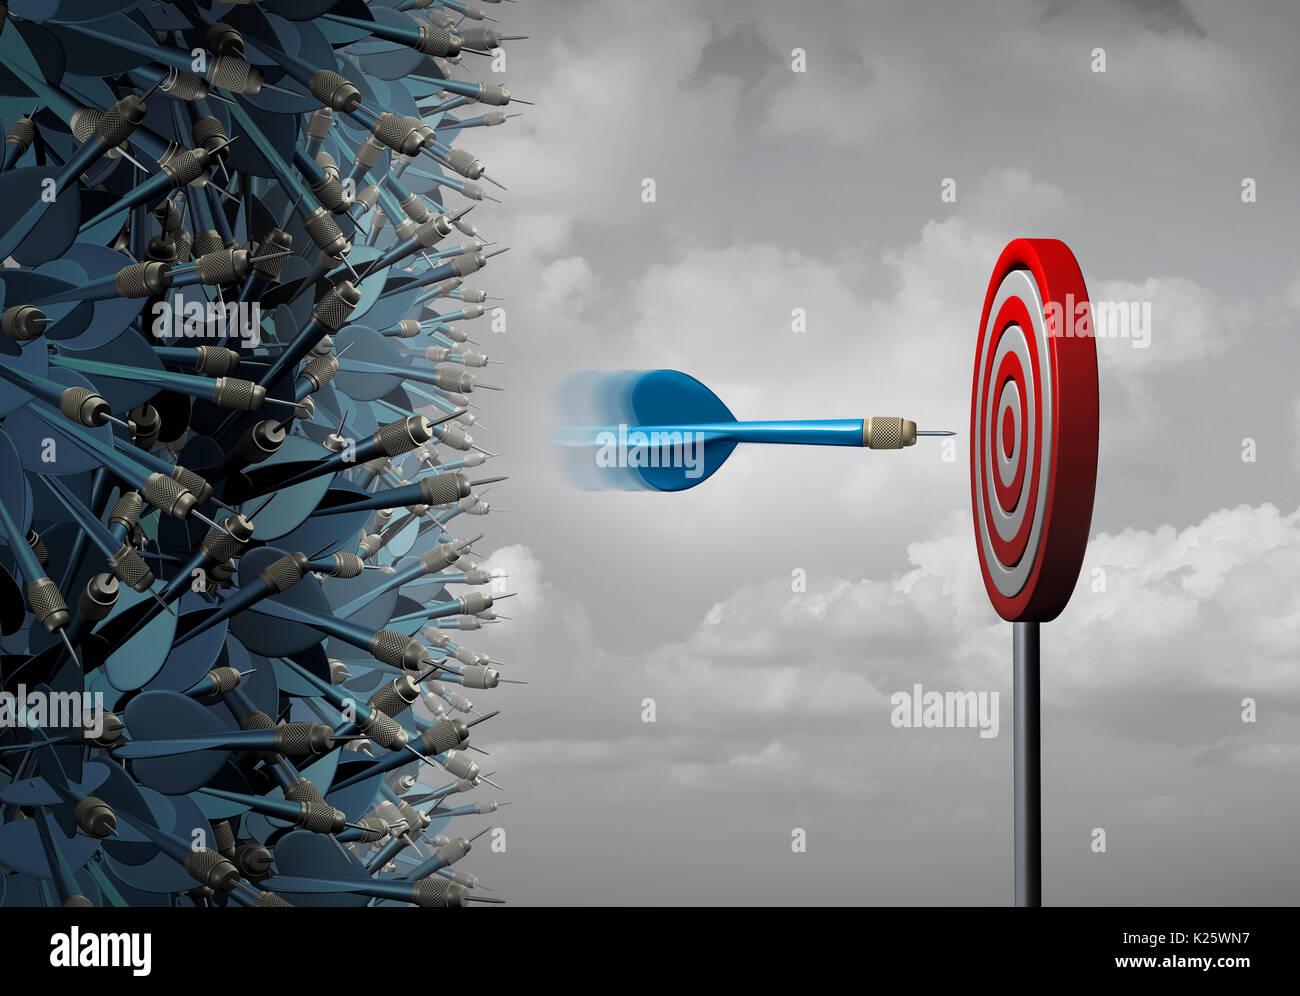 Concentration d'affaires succès en tant qu'un groupe de perdu et un jeu de fléchettes dart qualifiés est concentré sur un objectif cible comme une détermination précise de la métaphore. Photo Stock